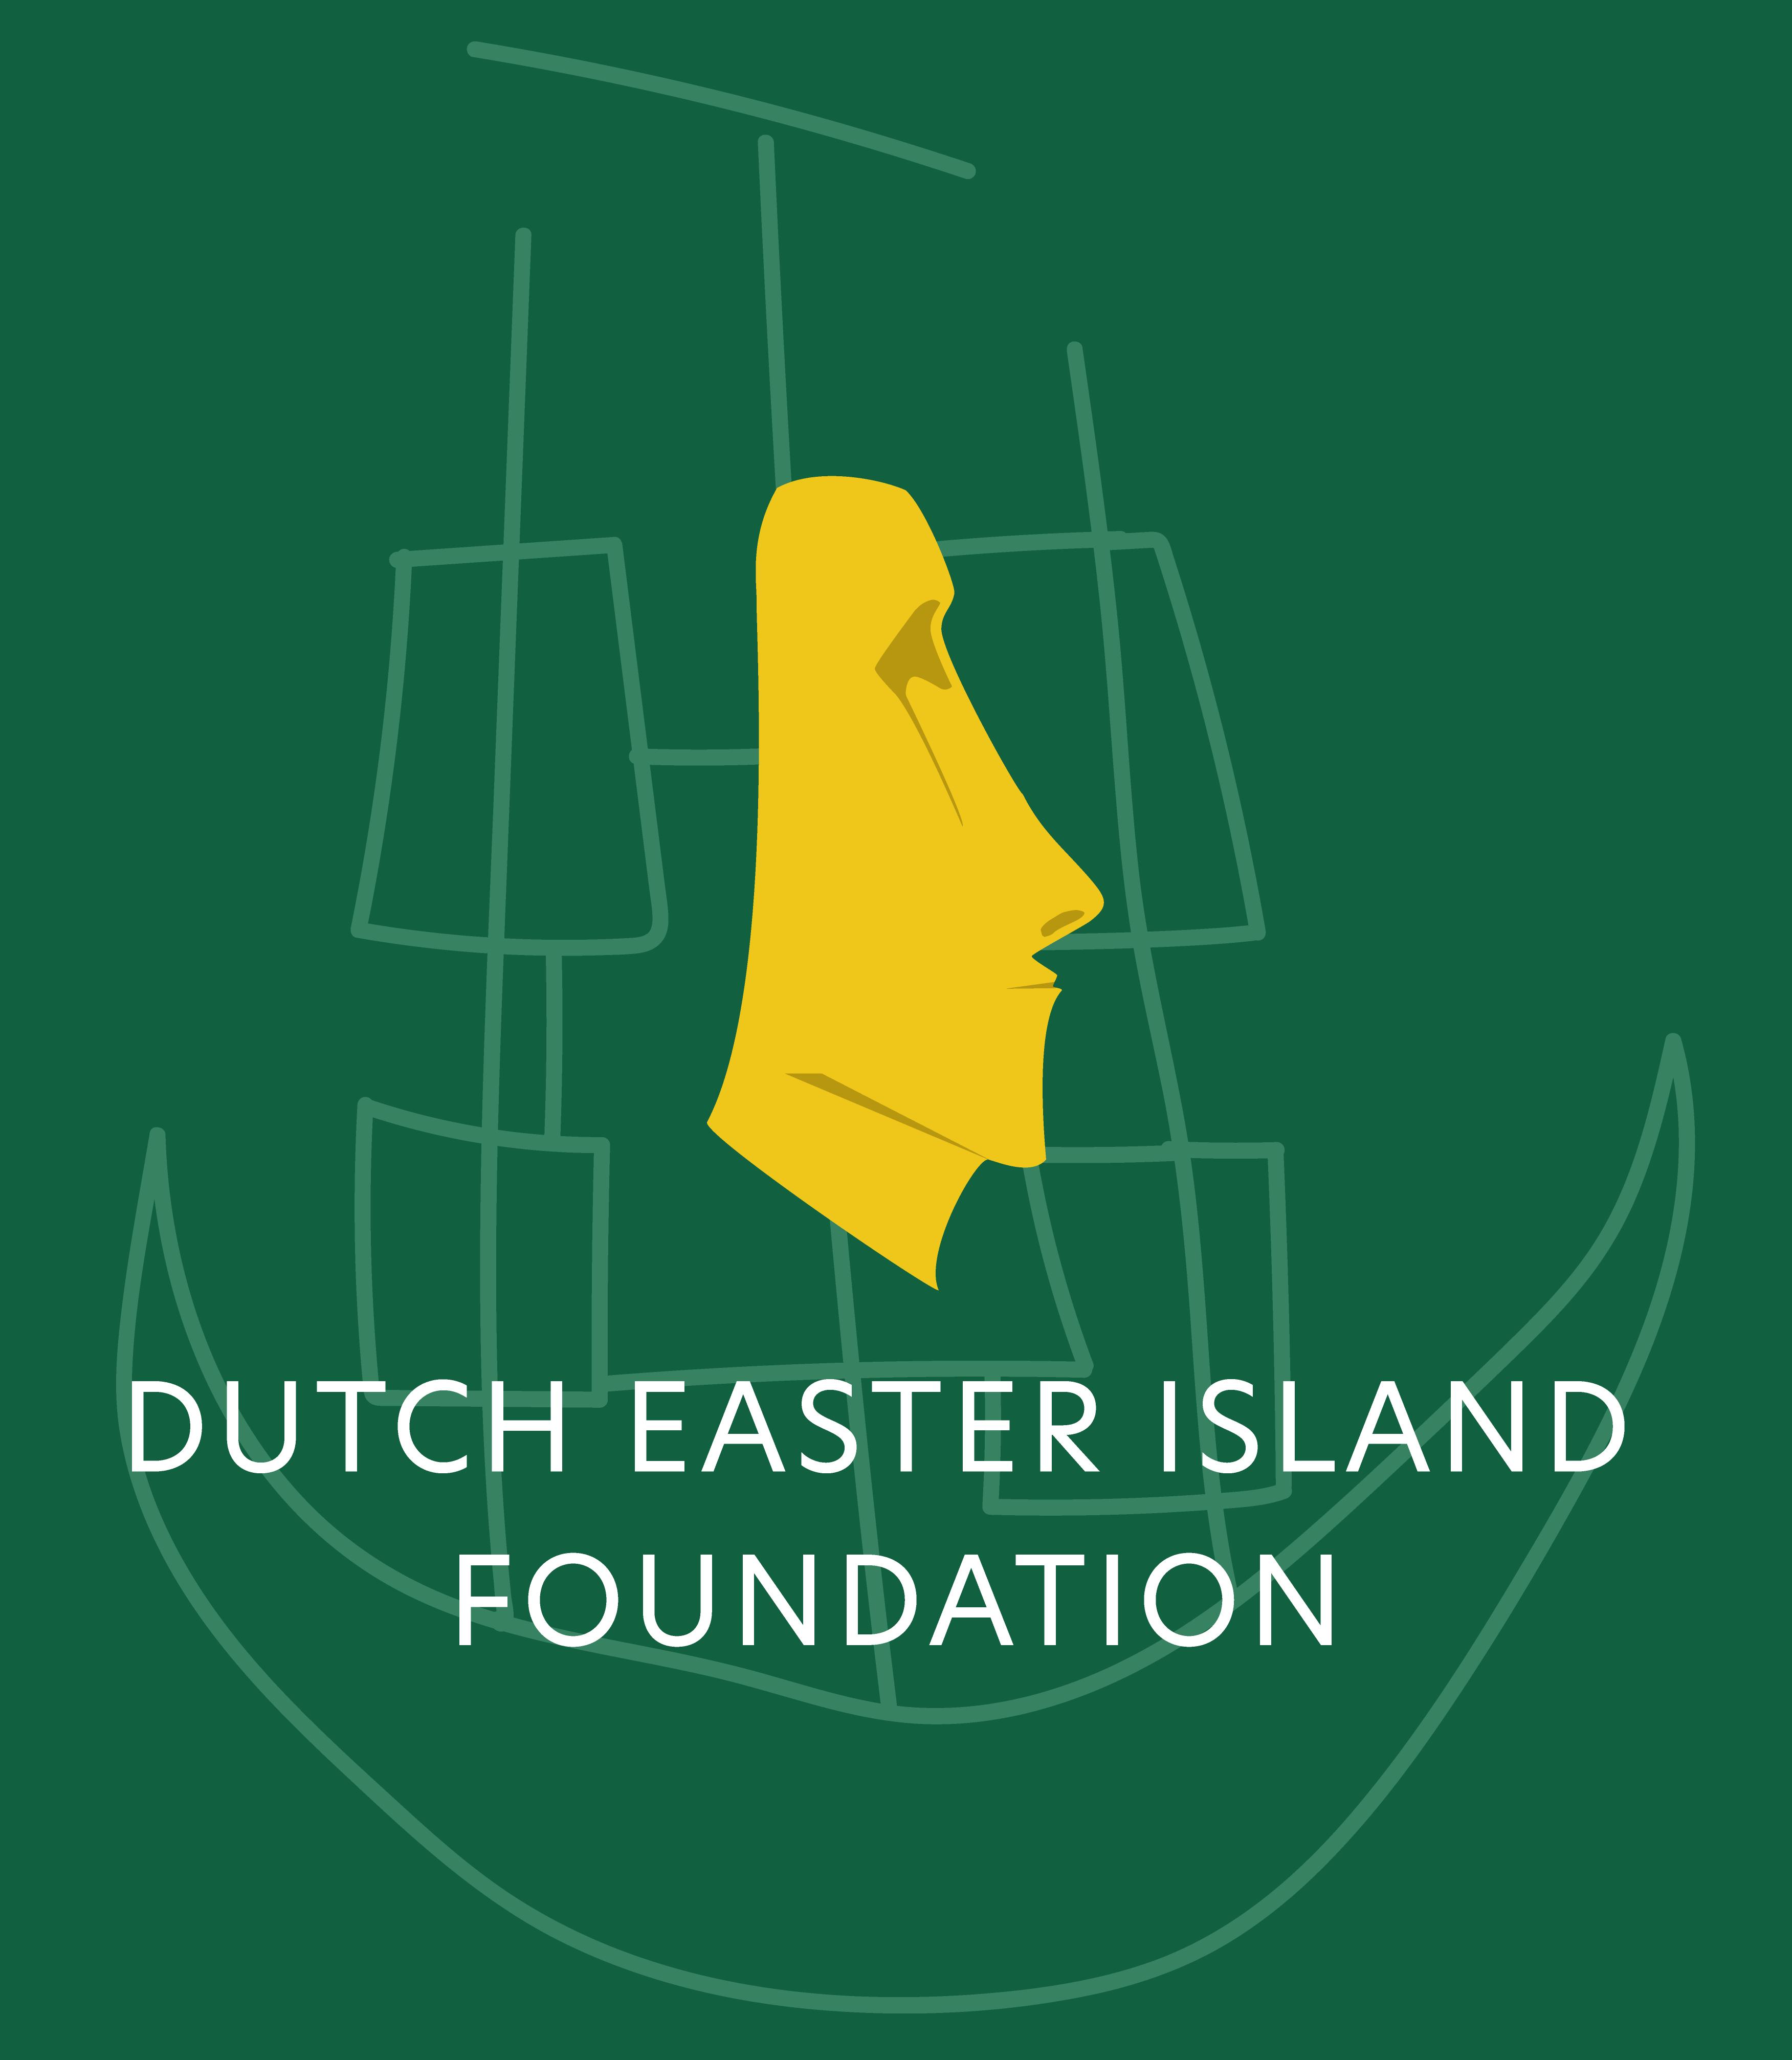 Dutch Easter Island Foundation